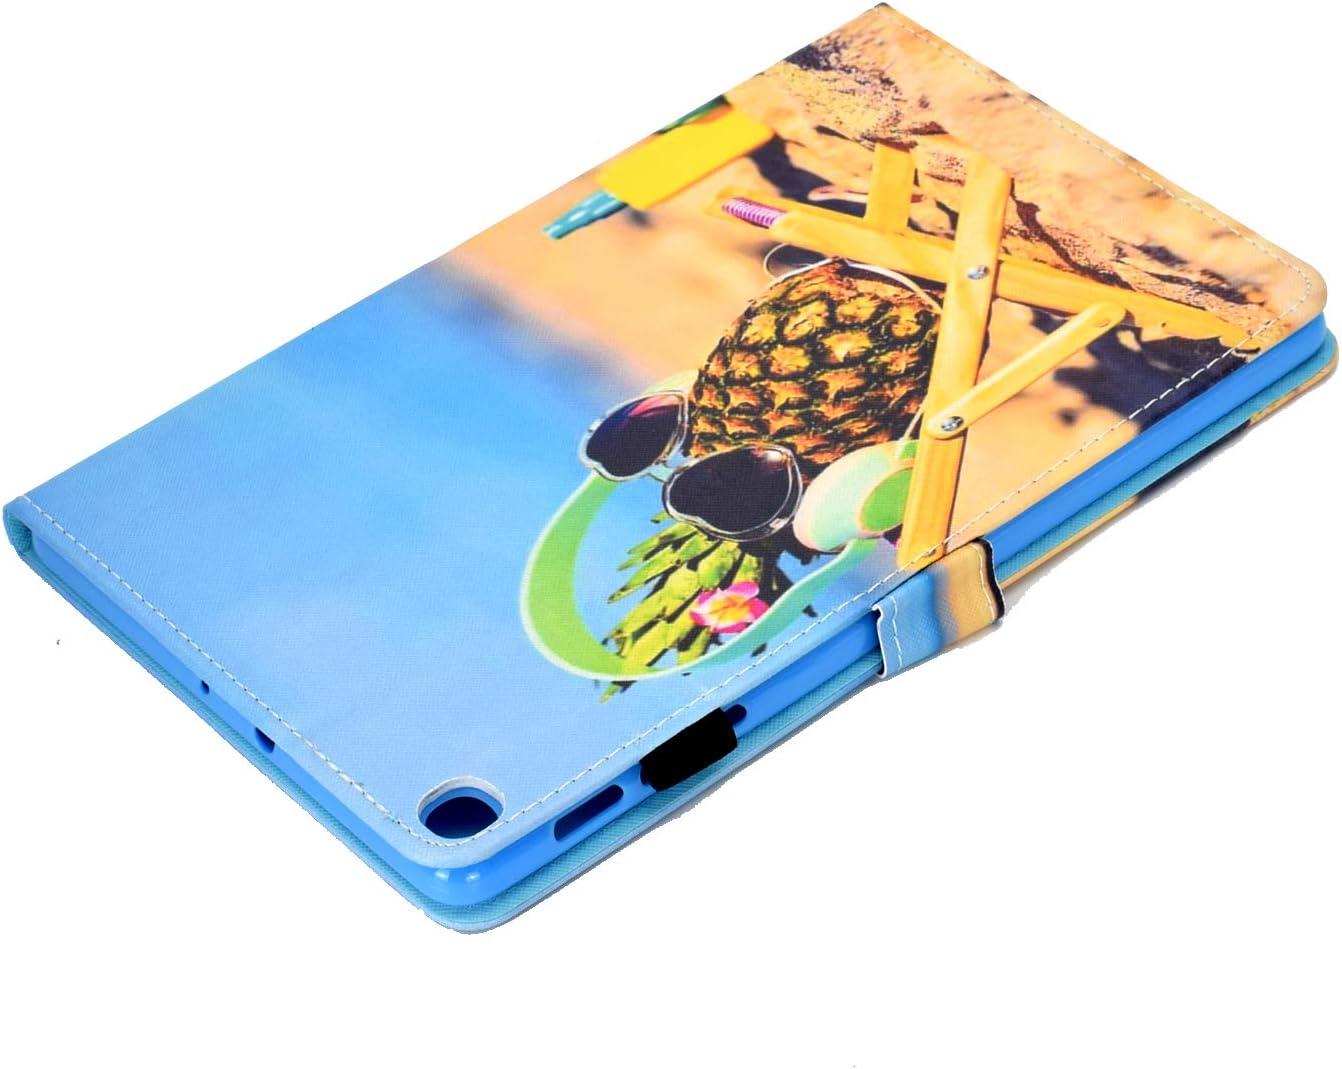 Elefantenbaby AsWant Galaxy Tab S6 Lite H/ülle PU Leder Brieftasche Case Flip Stand Funktion Kartenschlitz Tablet Tasche Schutzh/ülle f/ür Samsung Galaxy Tab S6 Lite 10.4 Zoll SM-P610//SM-P615 2020